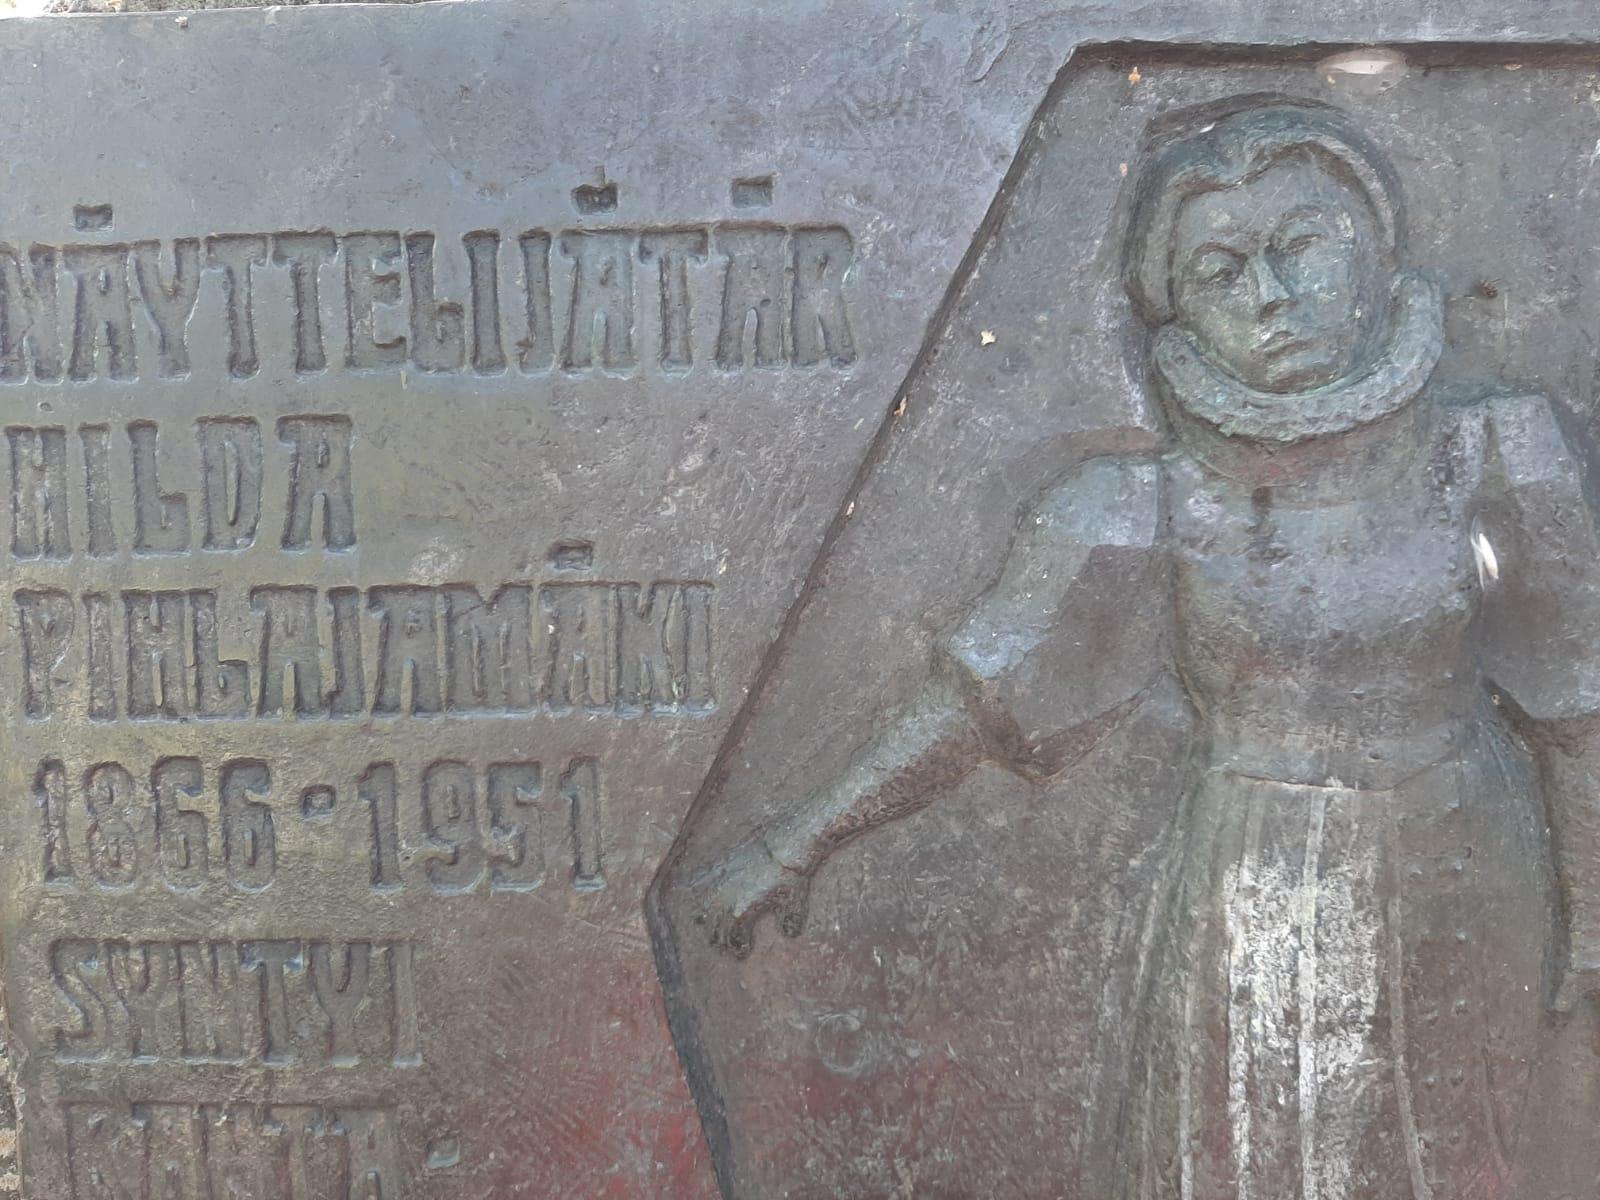 Kangasalta lähtöisin olevan Hilja Pihlajamäen muistolaatta löytyy Rantakoivistosta.